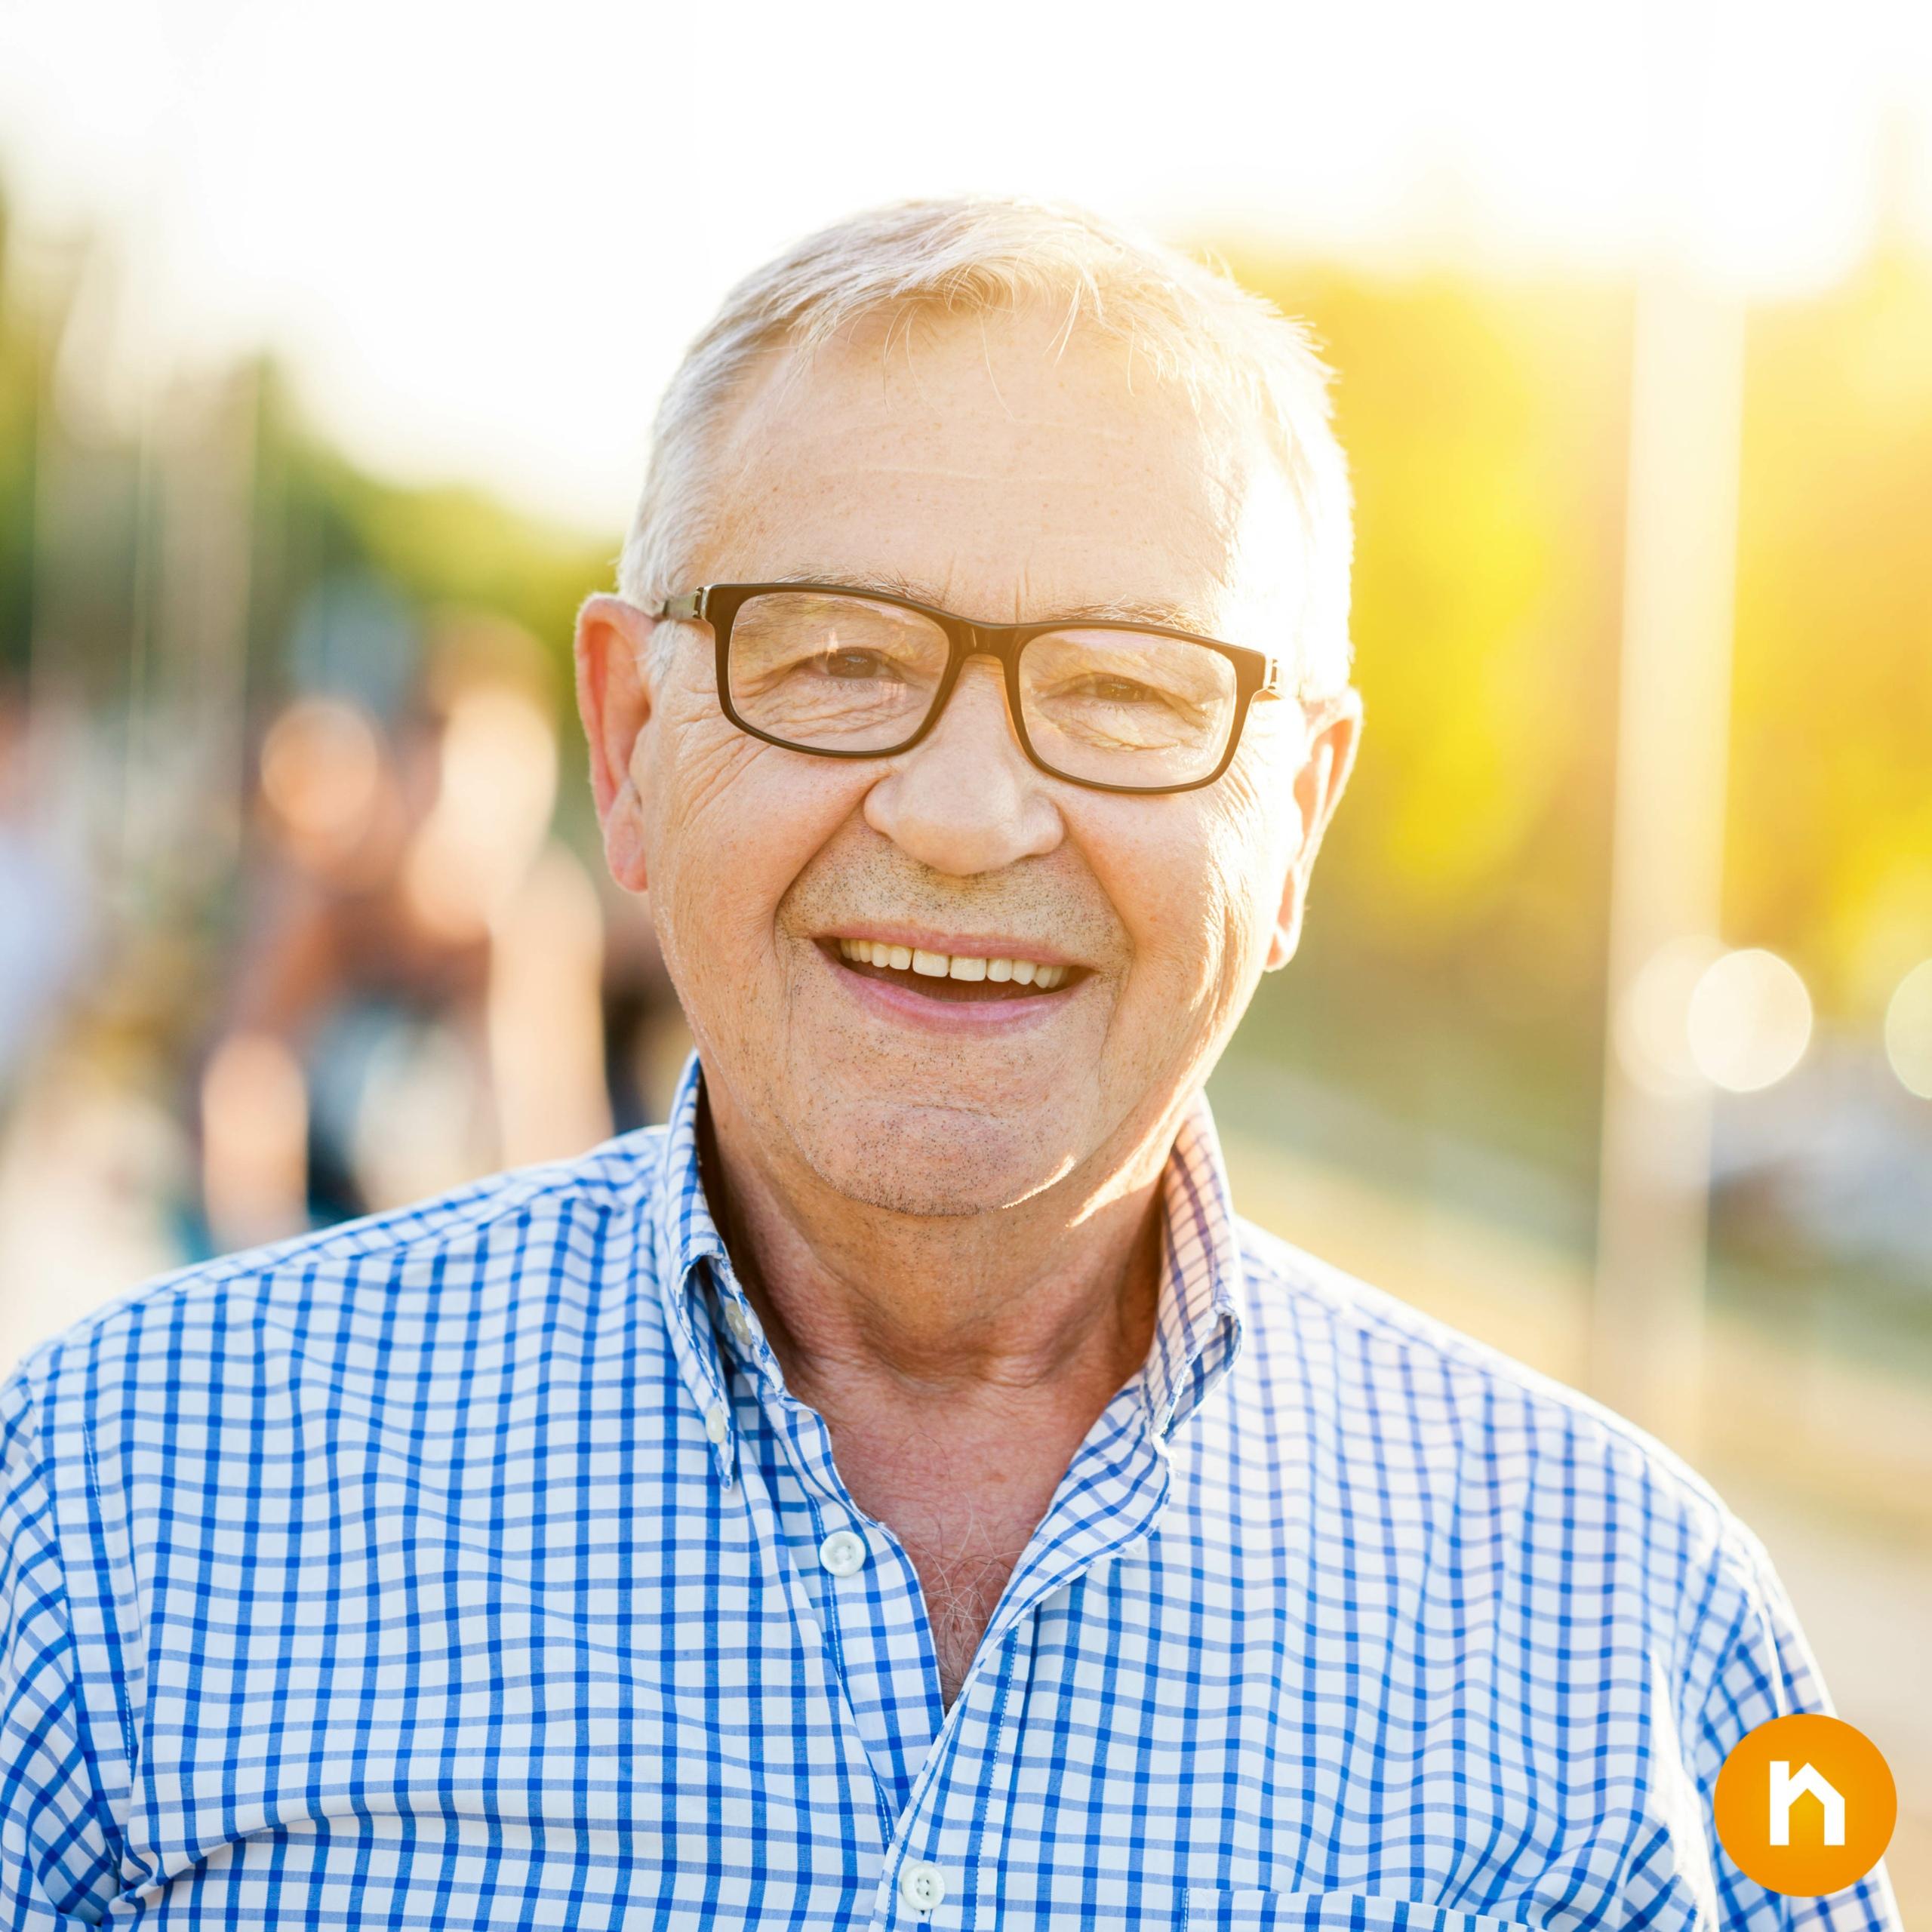 Himmelhochjauchzende Rentenentwicklung und trotzdem den Gürtel enger schnallen?